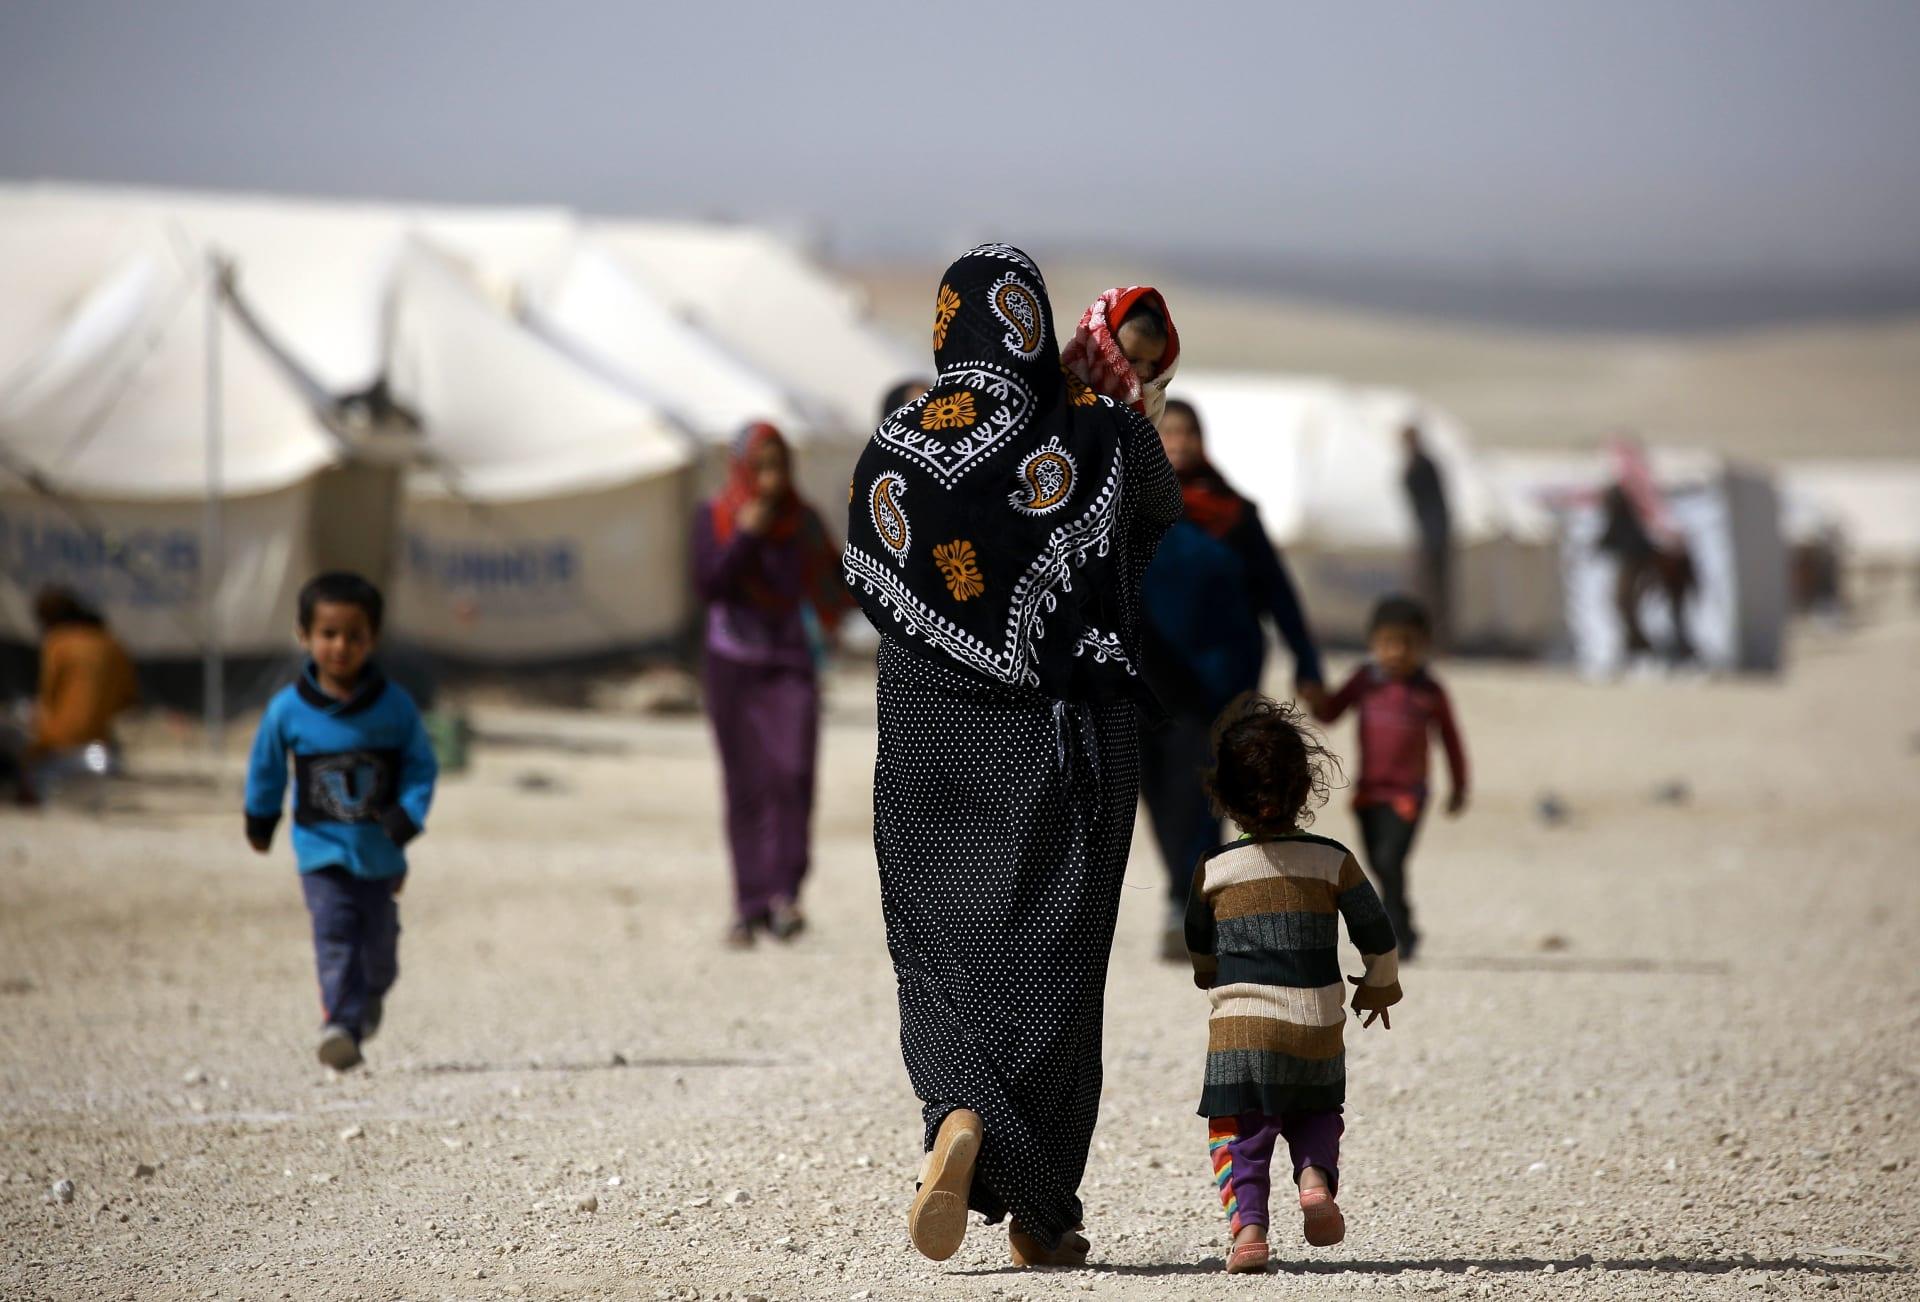 اتفاقية بين قطر ومفوضية اللاجئين لدعم اللاجئين السوريين